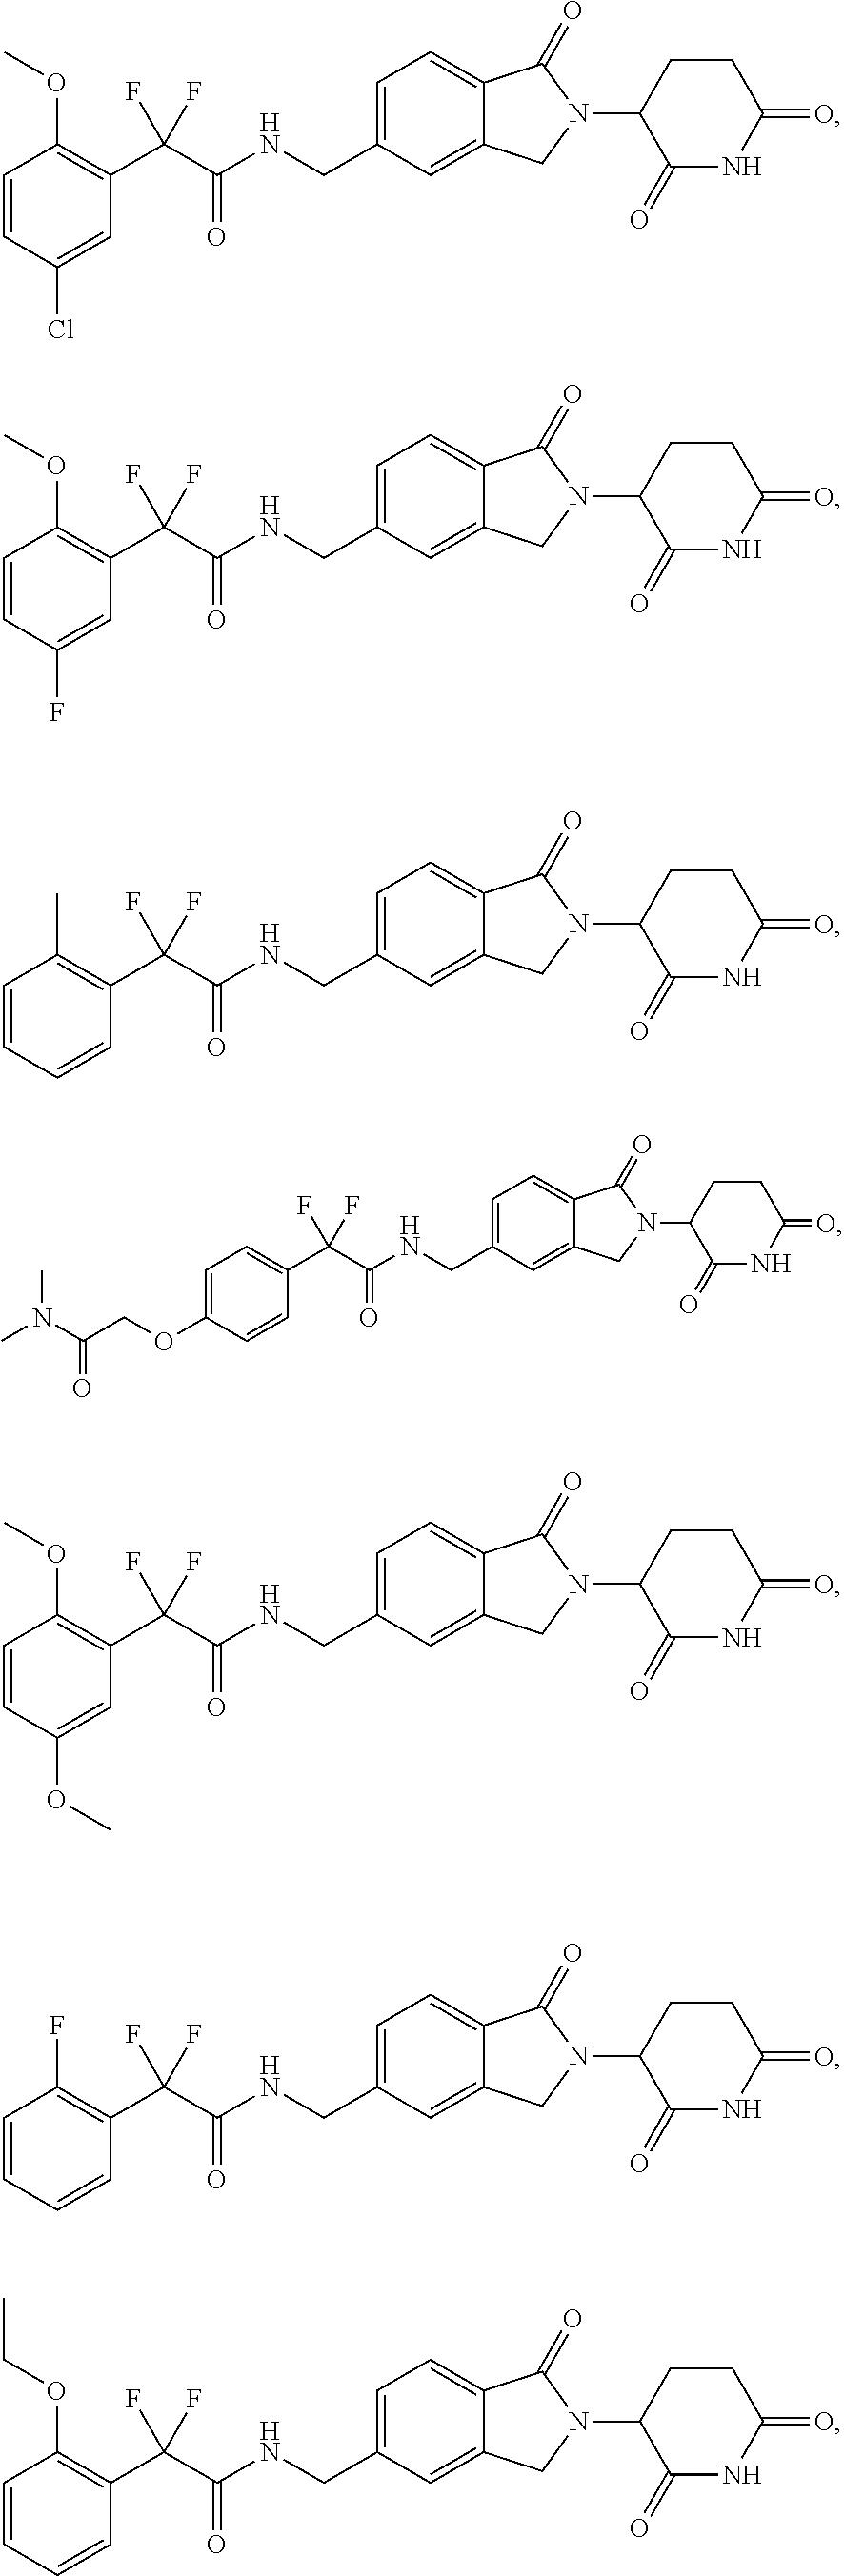 Figure US09968596-20180515-C00013